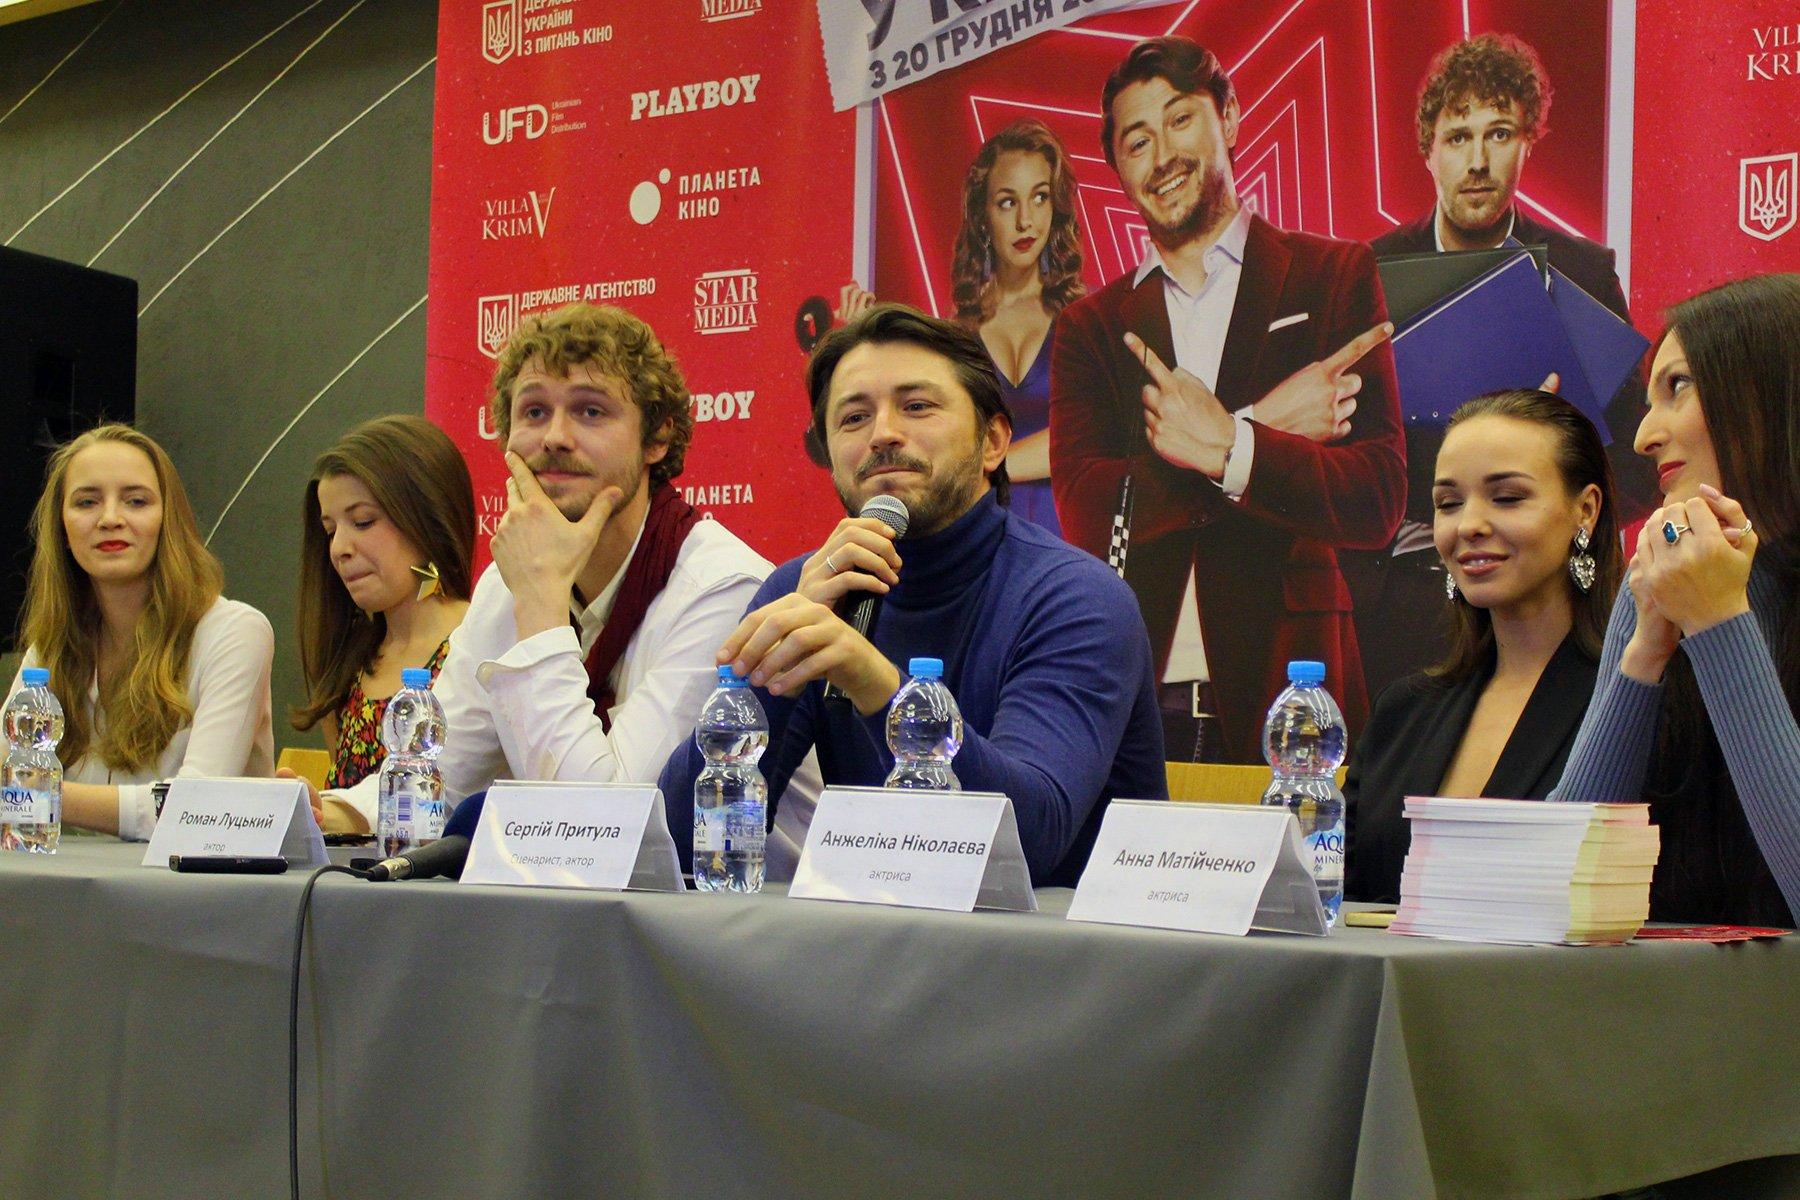 У Львові пройшов допрем'єрний показ фільму «Секс і нічого особистого»